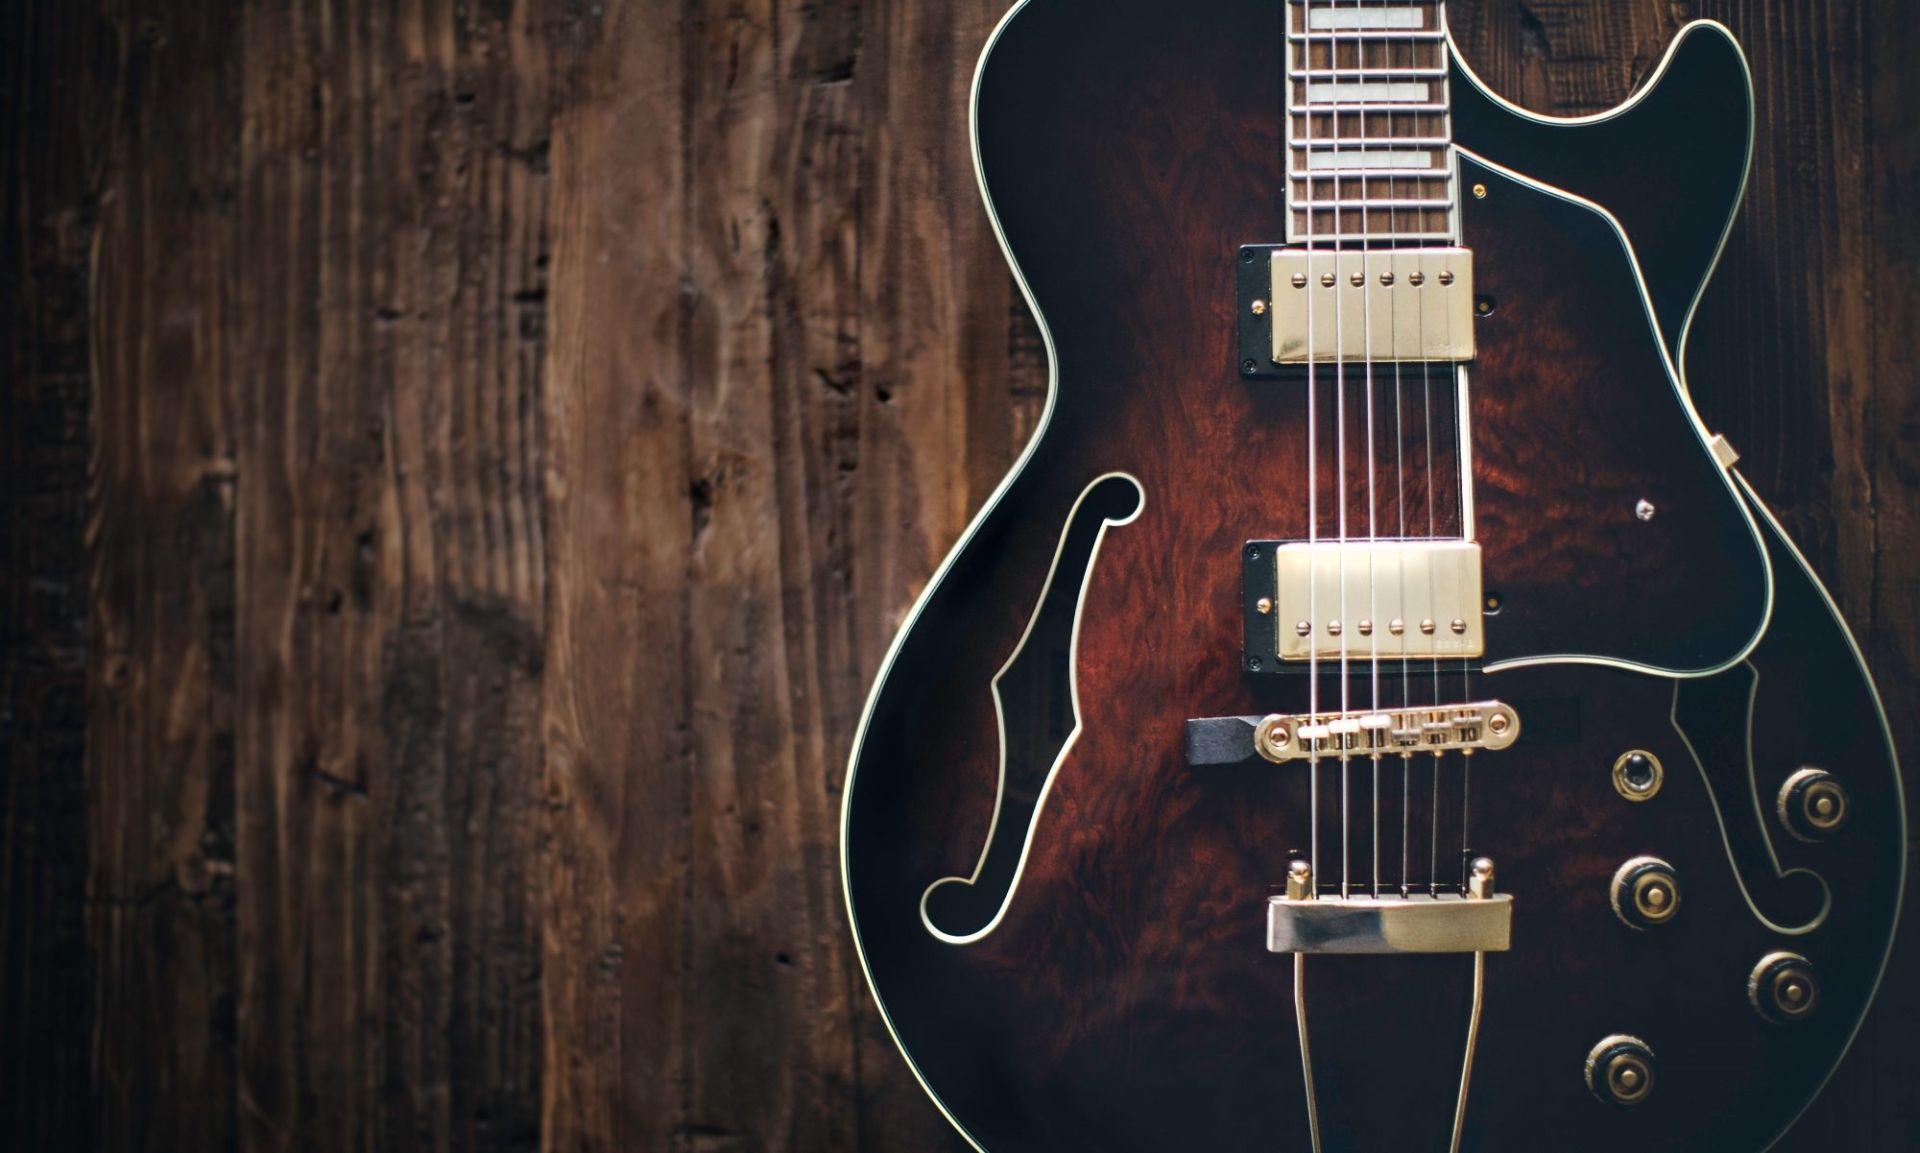 Electric Guitar wood, Wallpaper Image